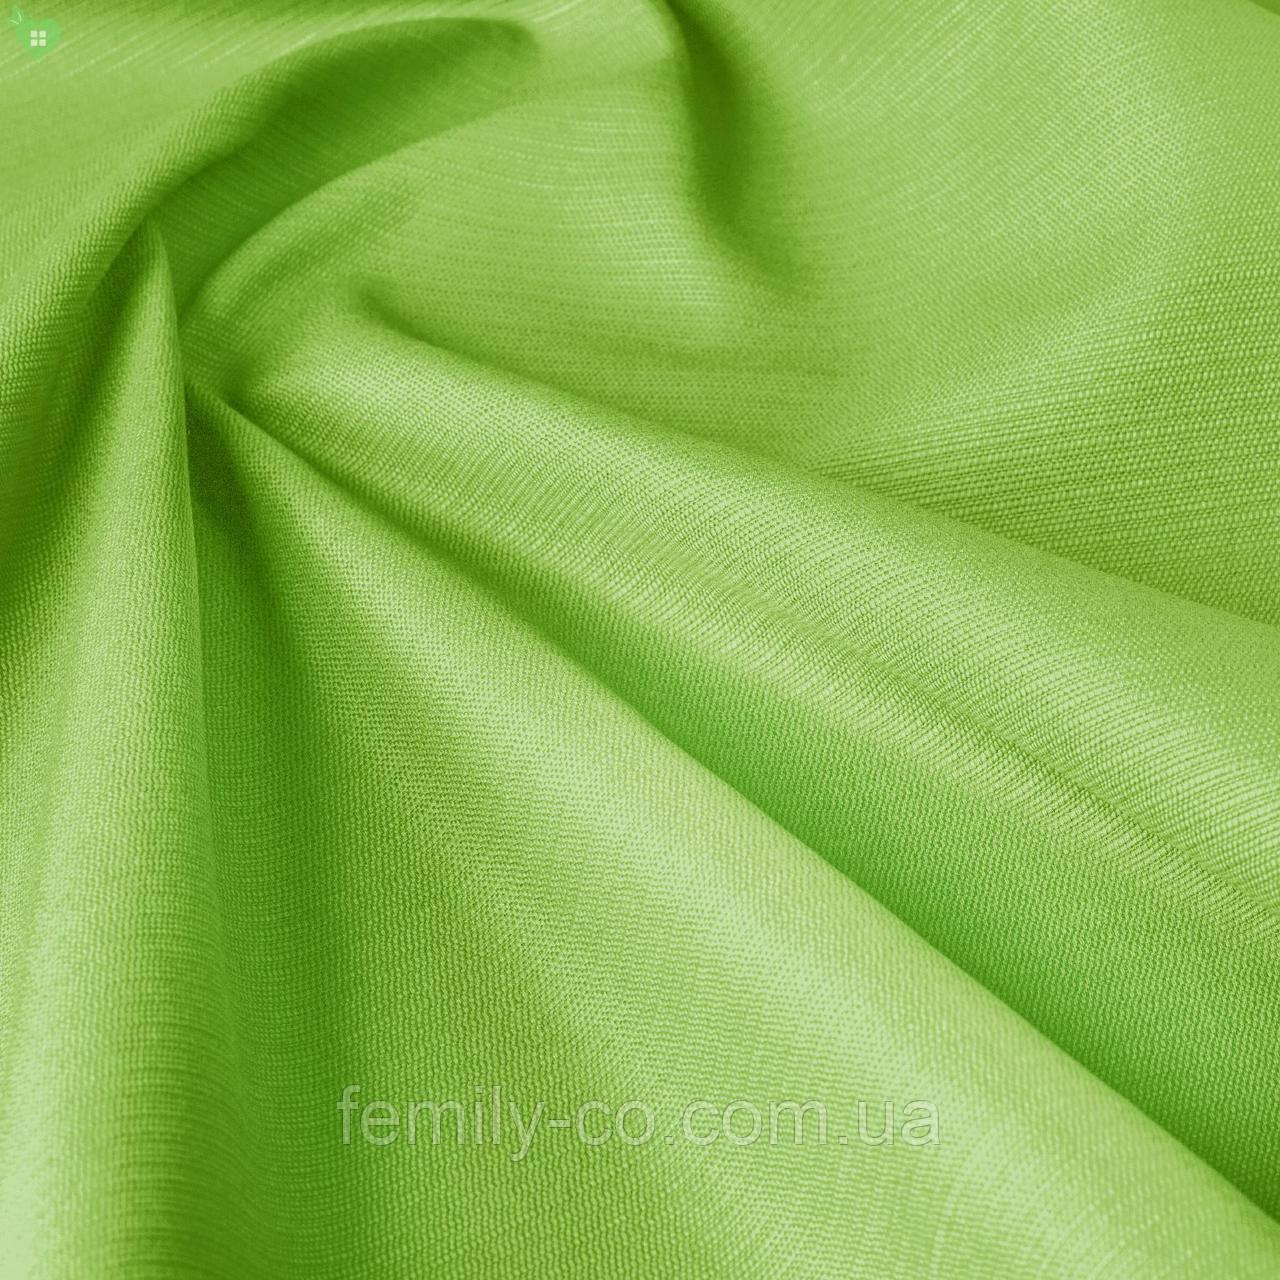 Уличная ткань фактурная зеленого цвета для беседки и веранды 84324v10